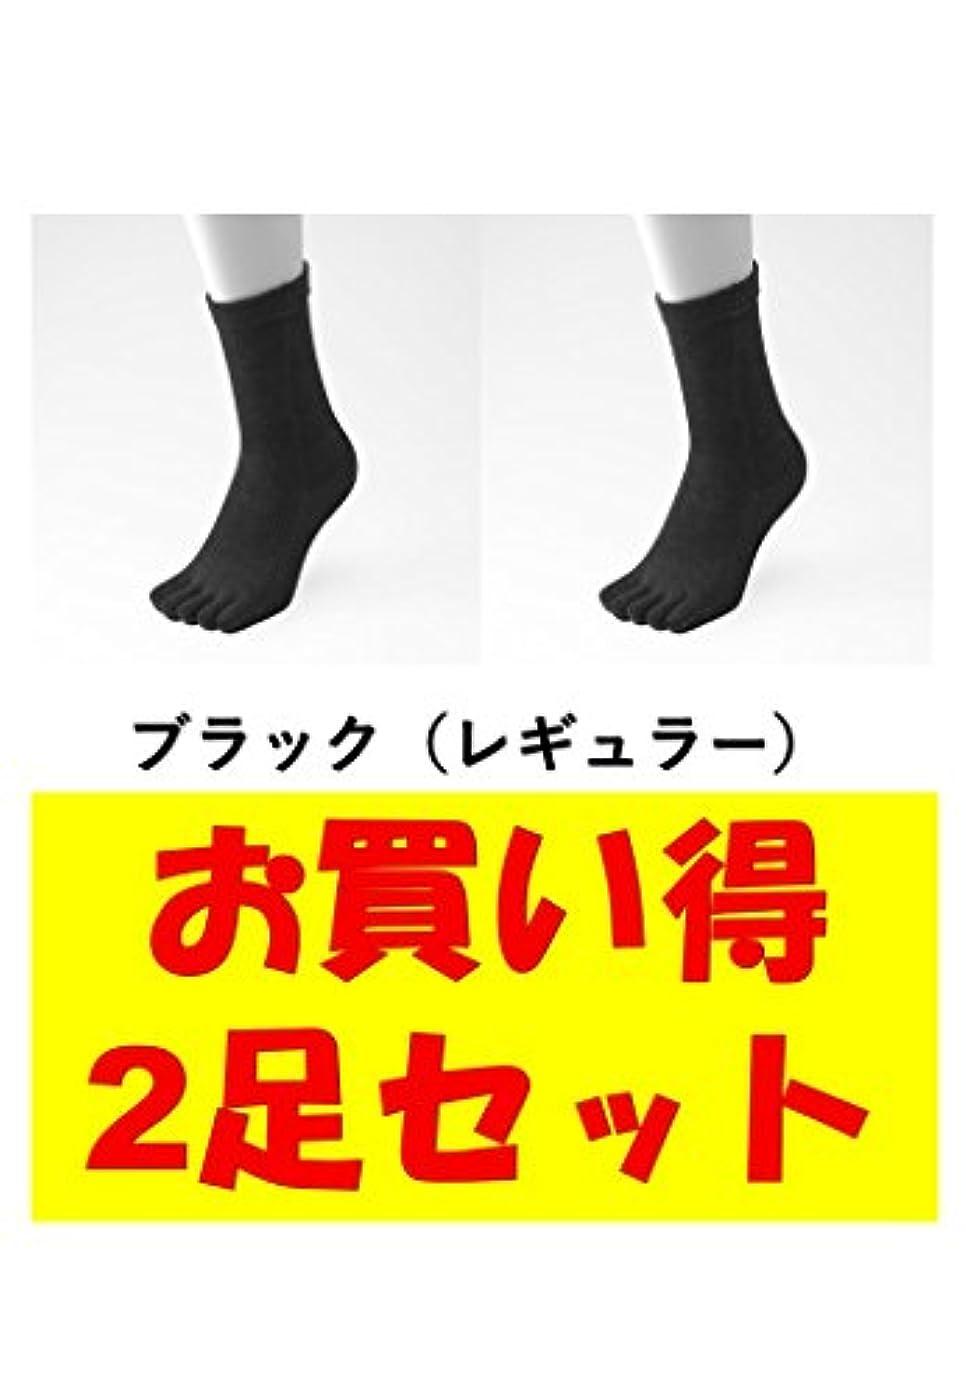 が欲しいメディック吐くお買い得2足セット 5本指 ゆびのばソックス ゆびのばレギュラー ブラック 男性用 25.5cm-28.0cm HSREGR-BLK